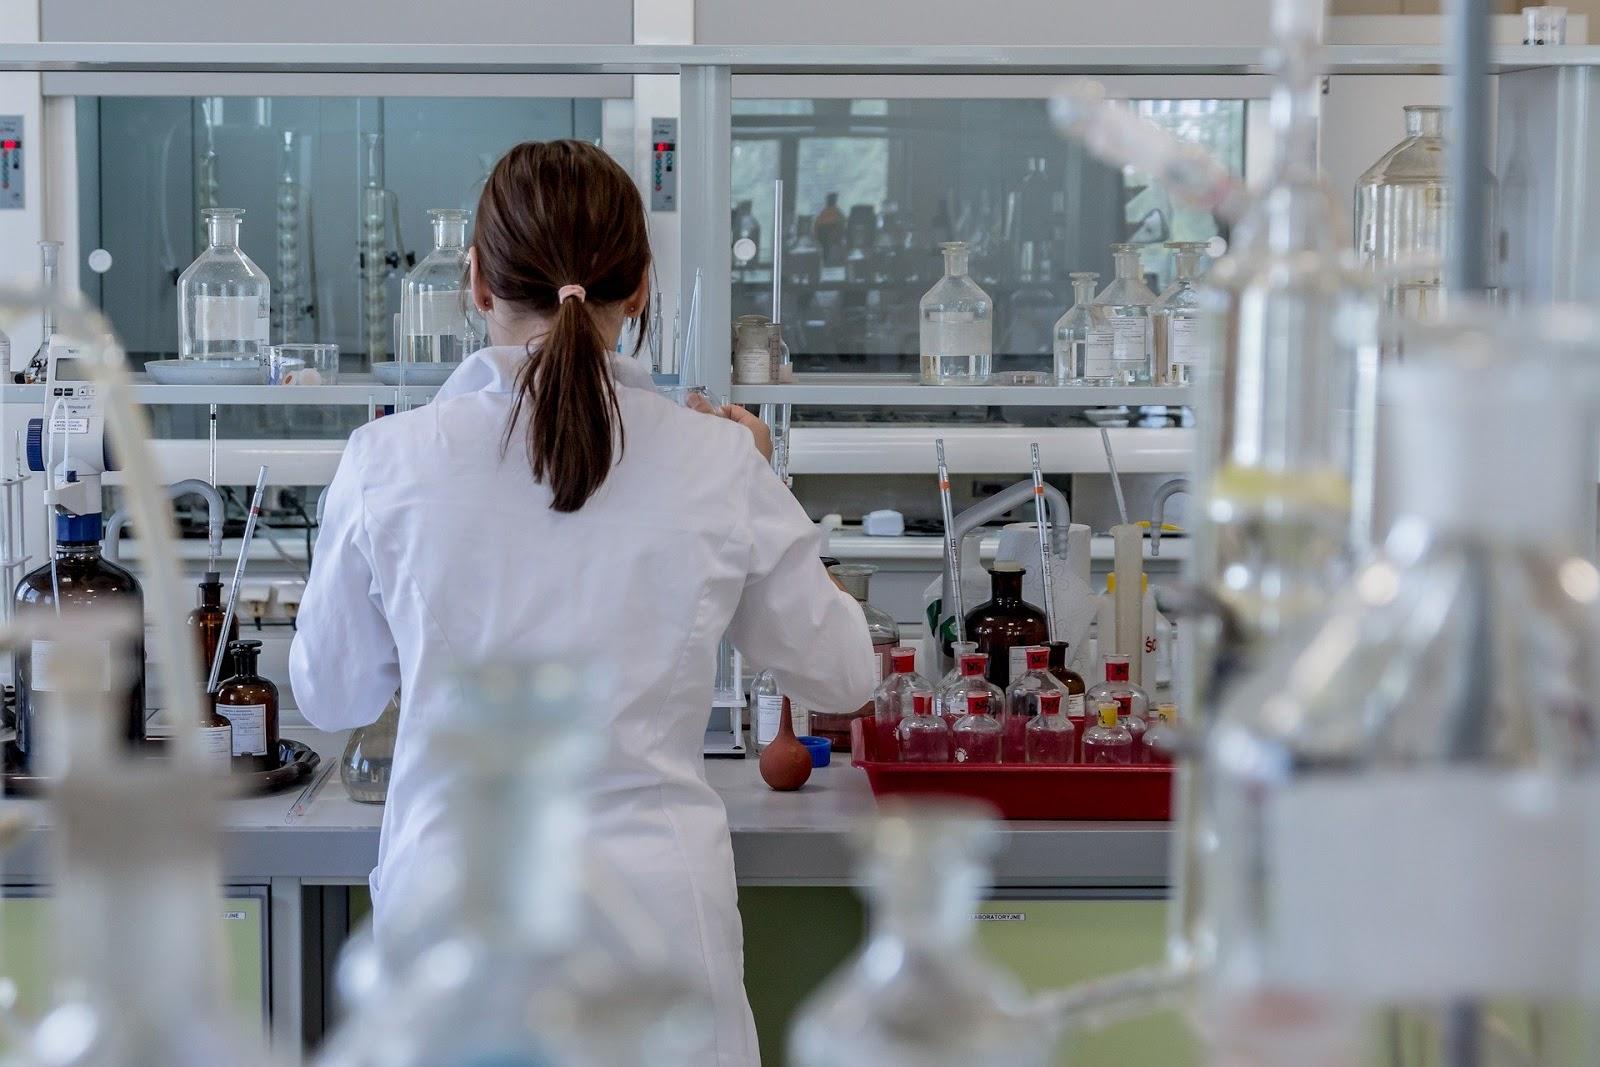 phenoxyethanol czy wywołuje raka i ma wpław na układ hormonalny?